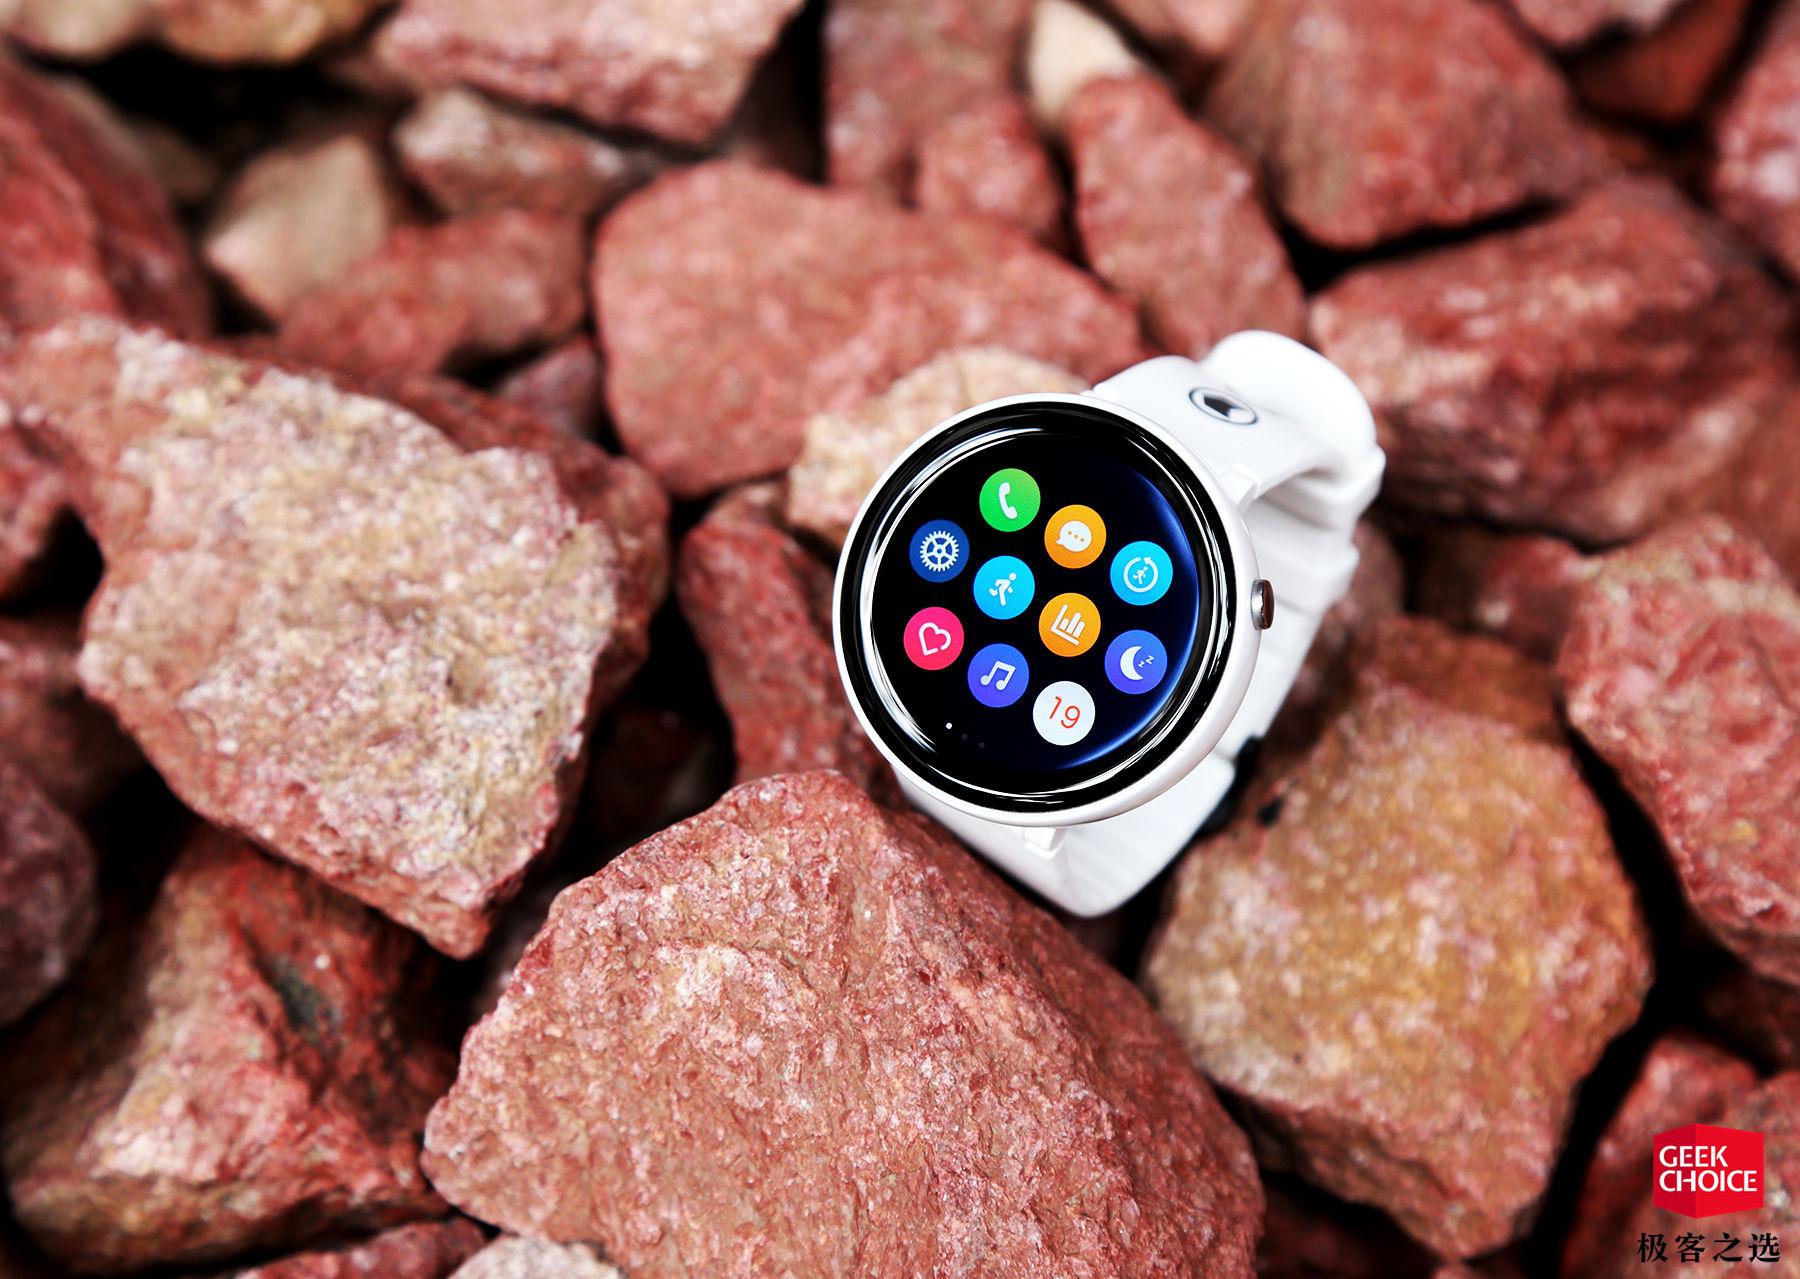 漫威宇宙第四阶段 图赏丨Amazfit 智能手表 2 复联限量版:漫威迷不可错过的礼物